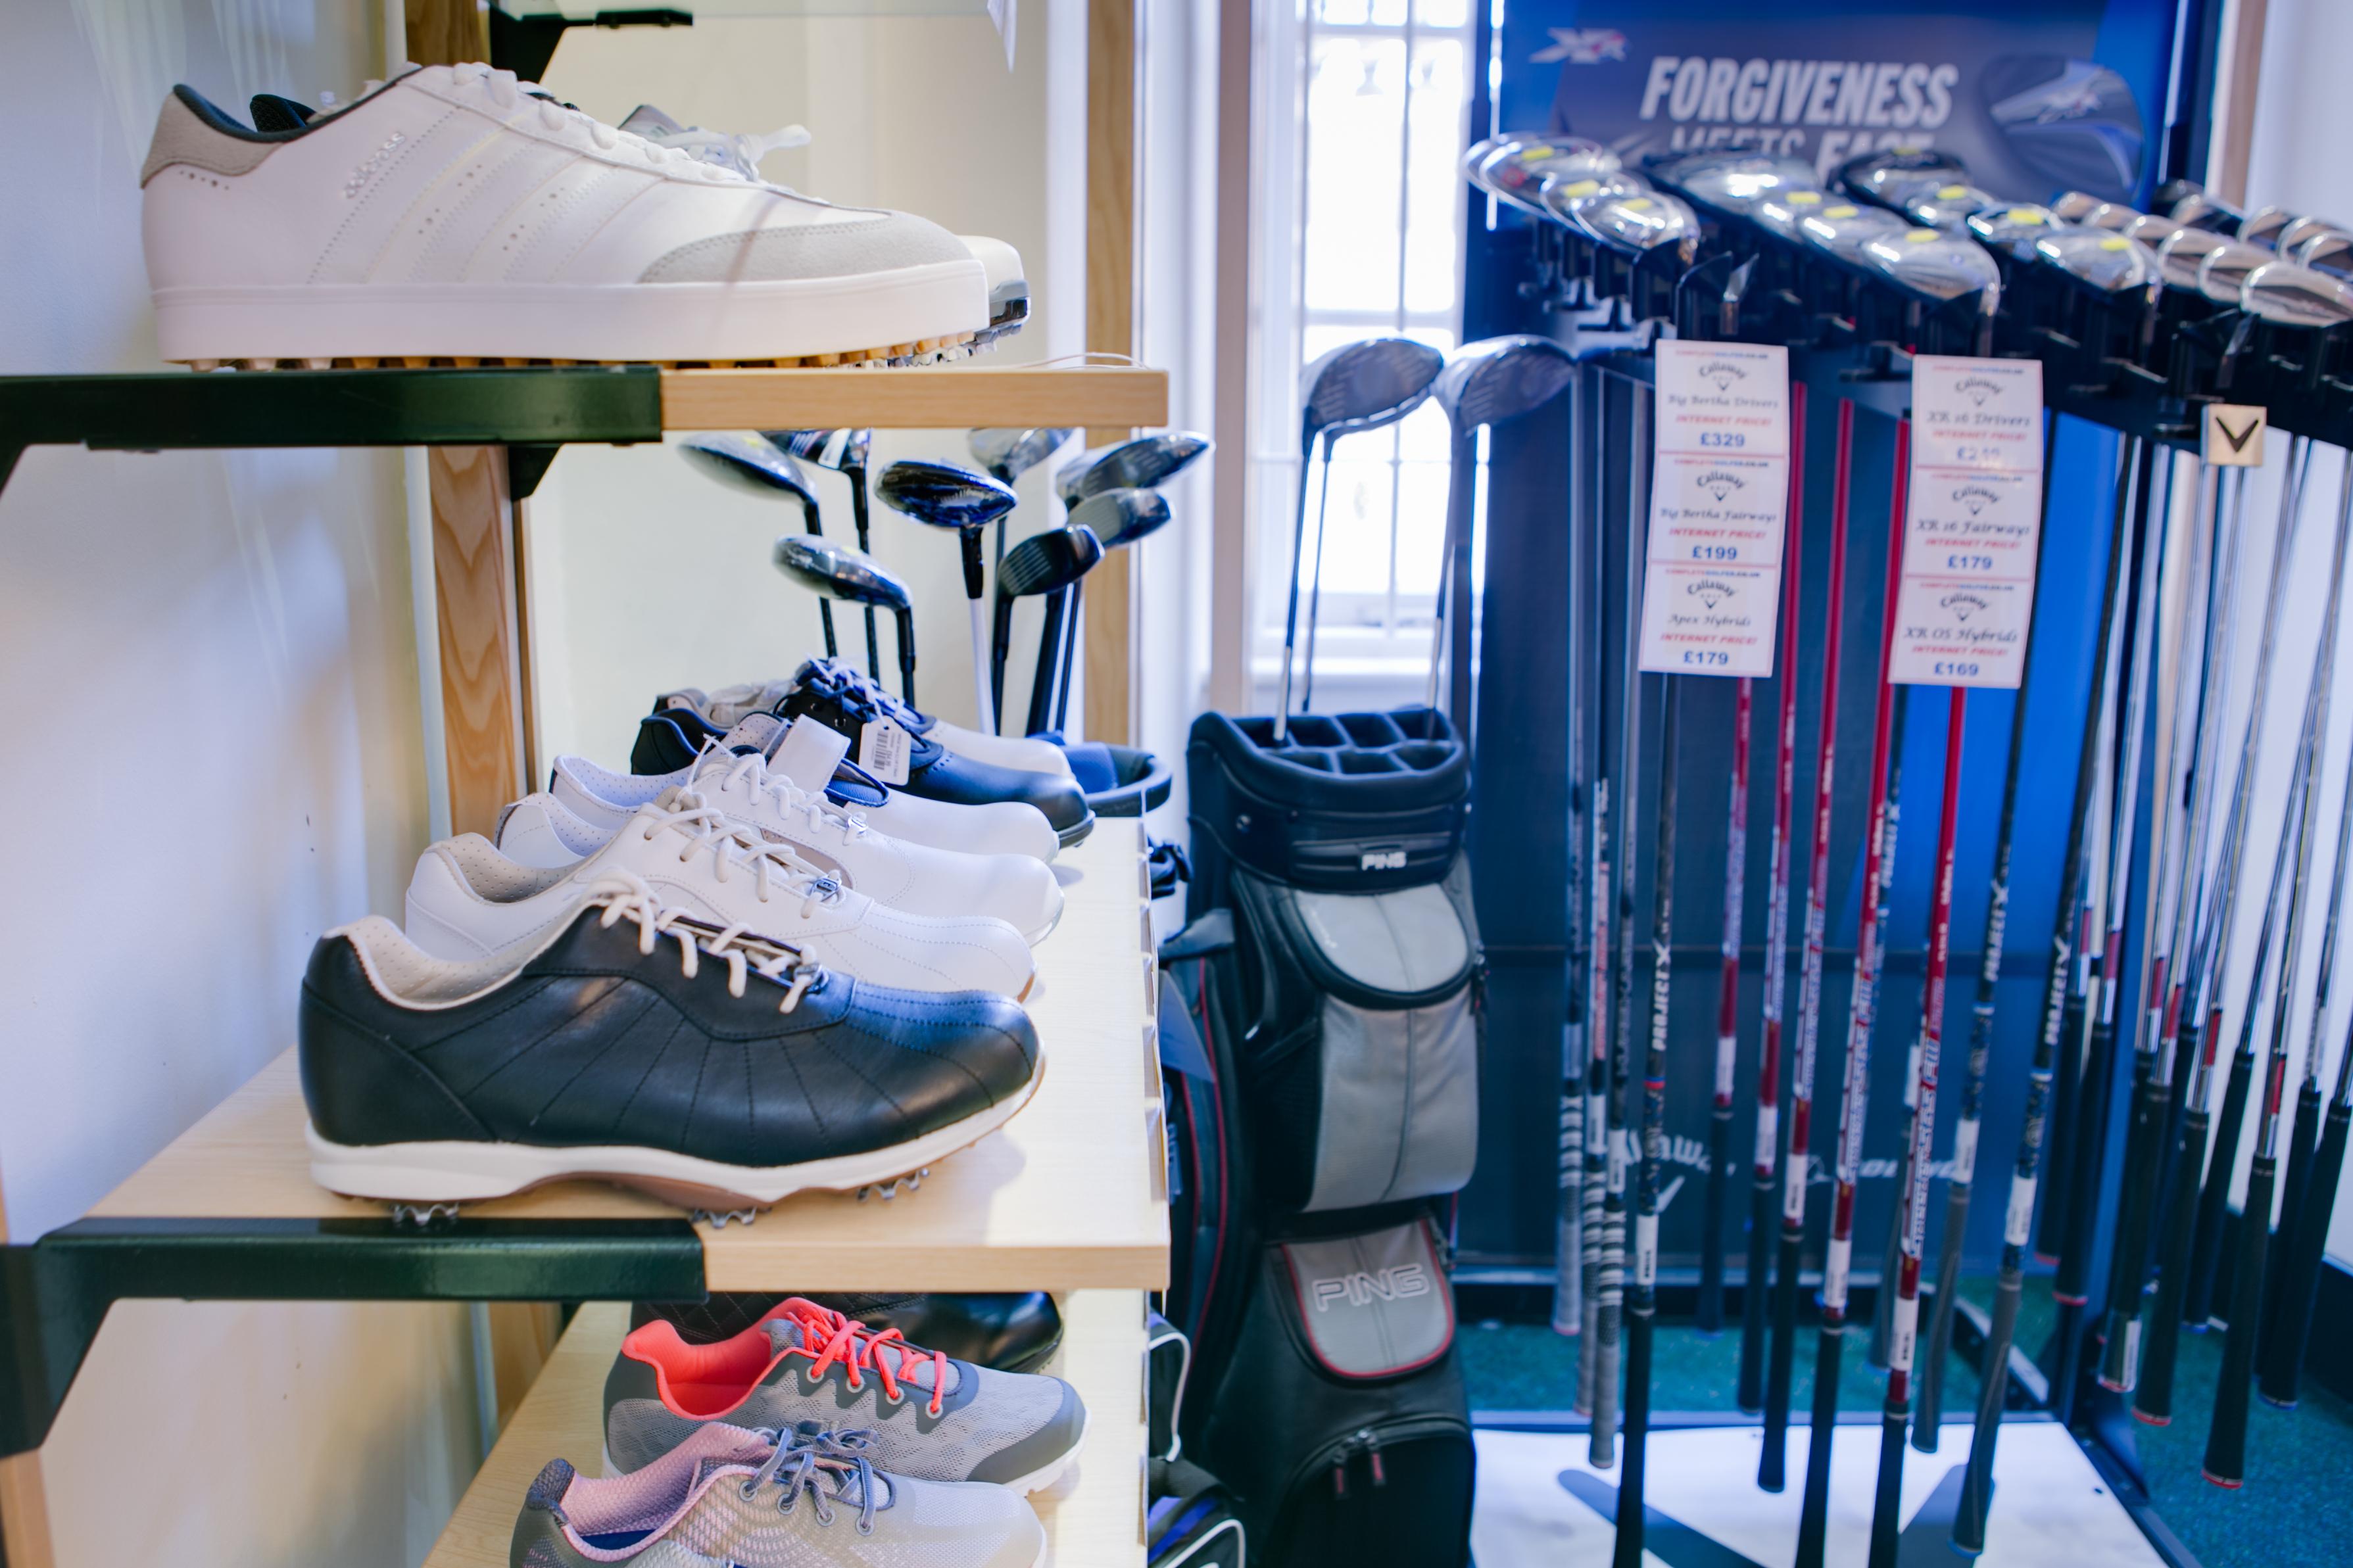 Golf Shoes on shelf